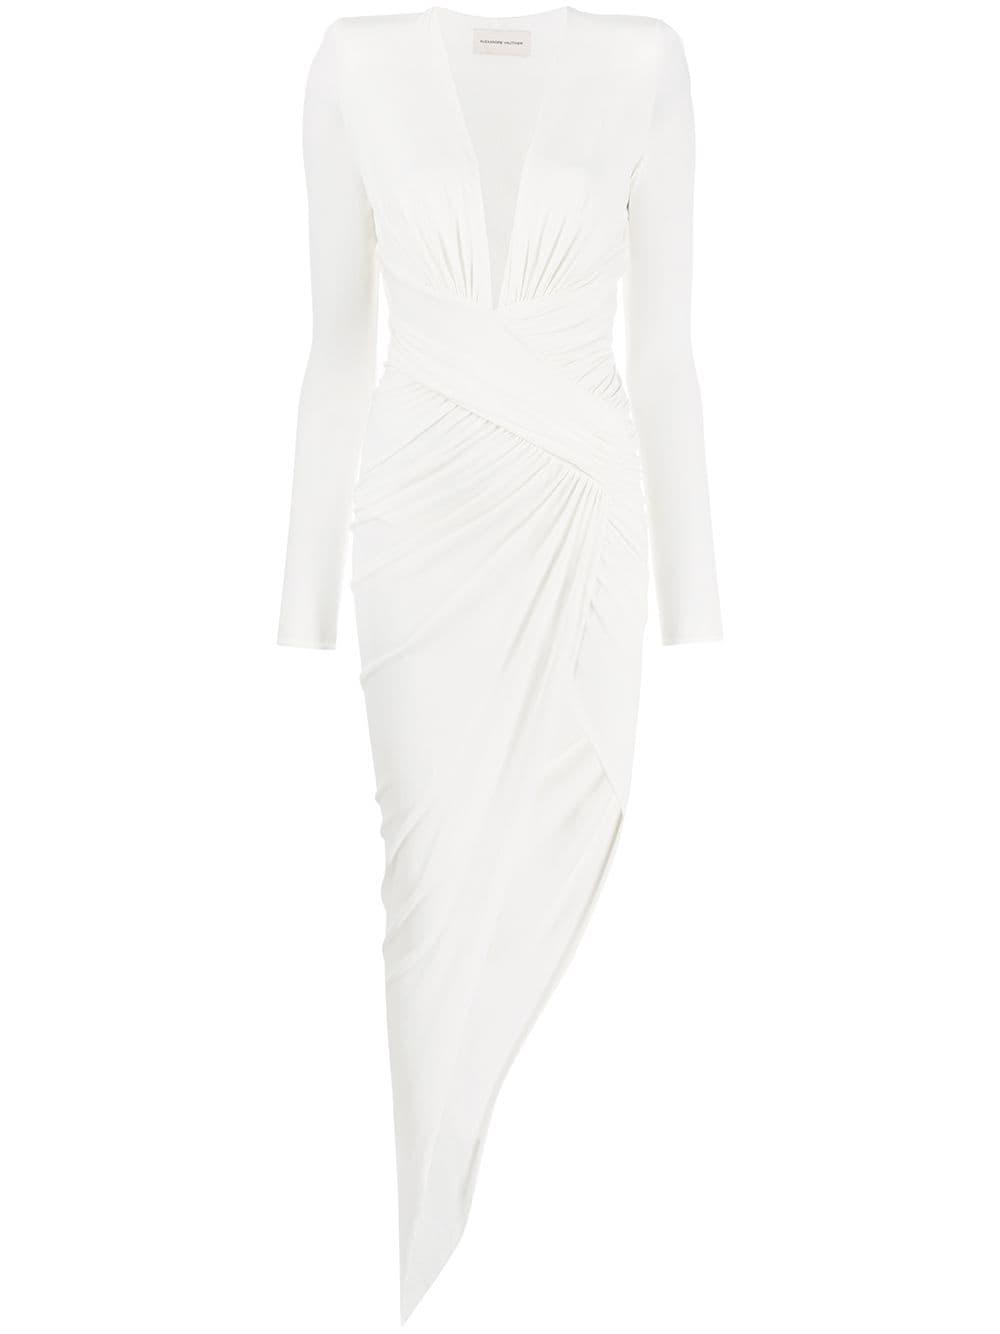 Bílé asymetrické šaty, ALEXANDRE VAUTHIER